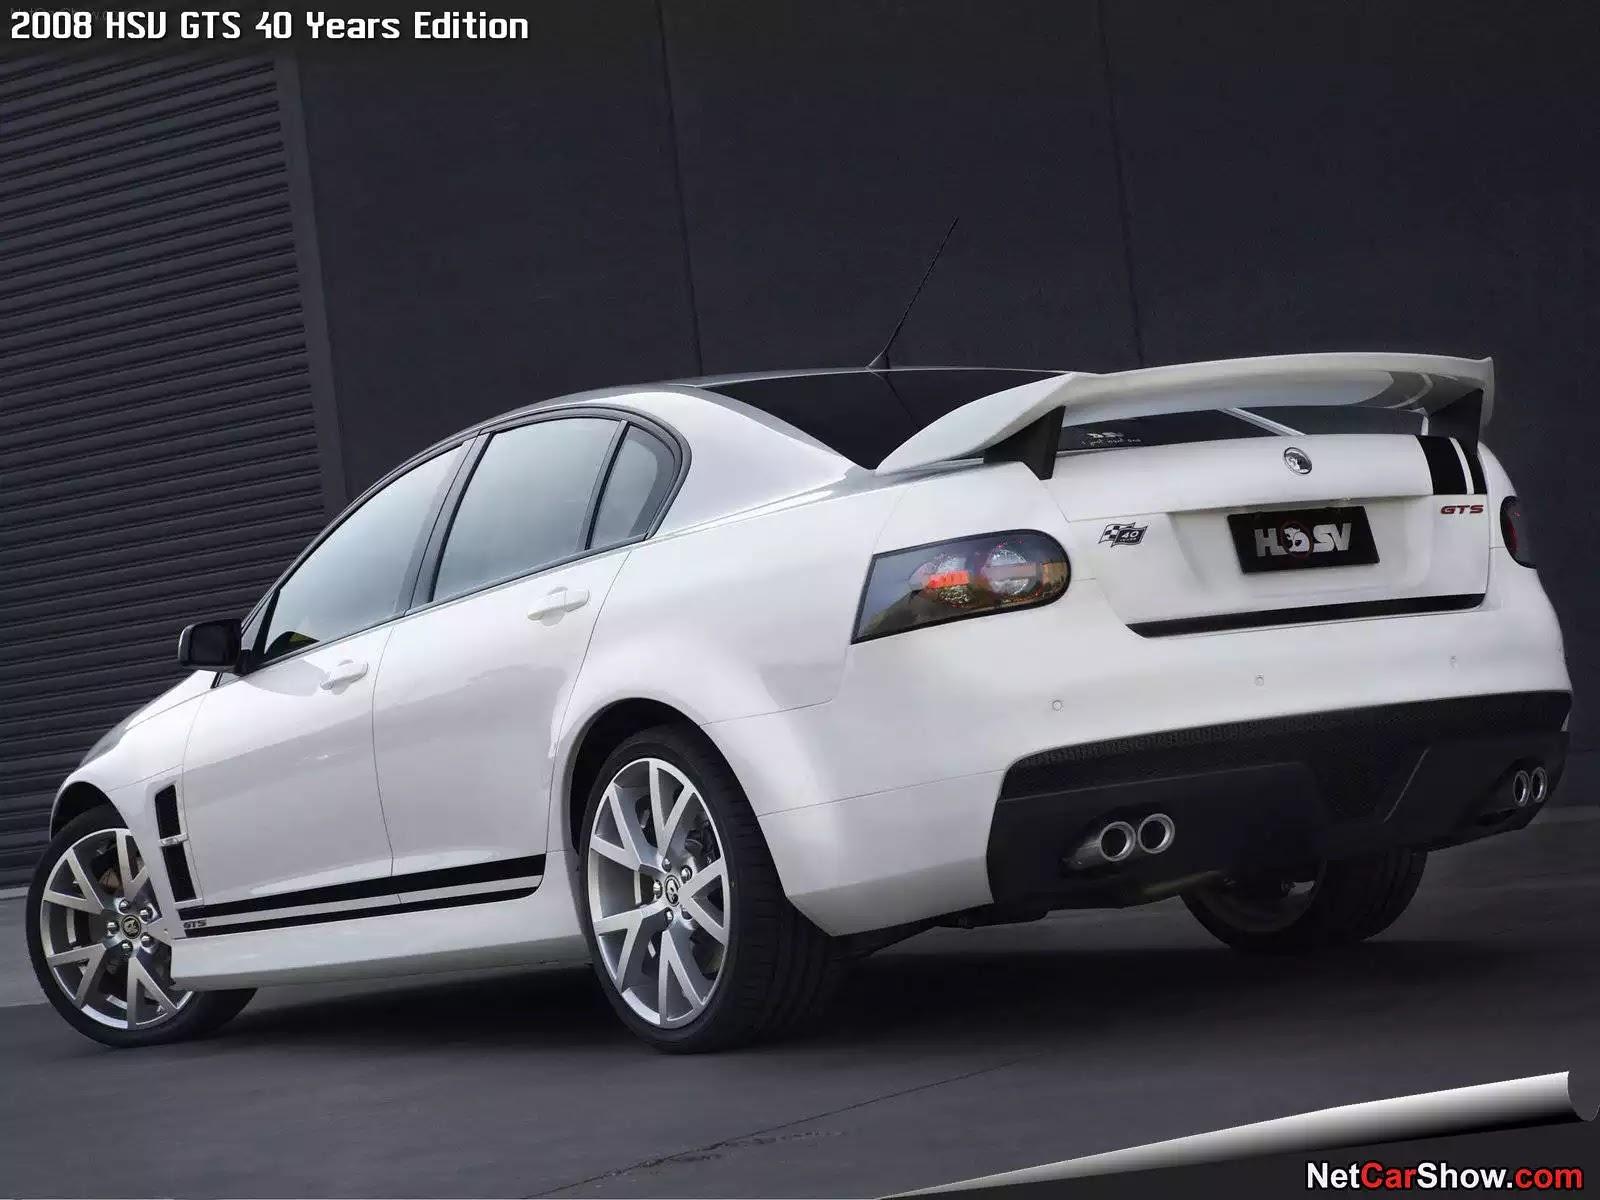 Hình ảnh xe ô tô HSV GTS 40 Years Edition 2008 & nội ngoại thất